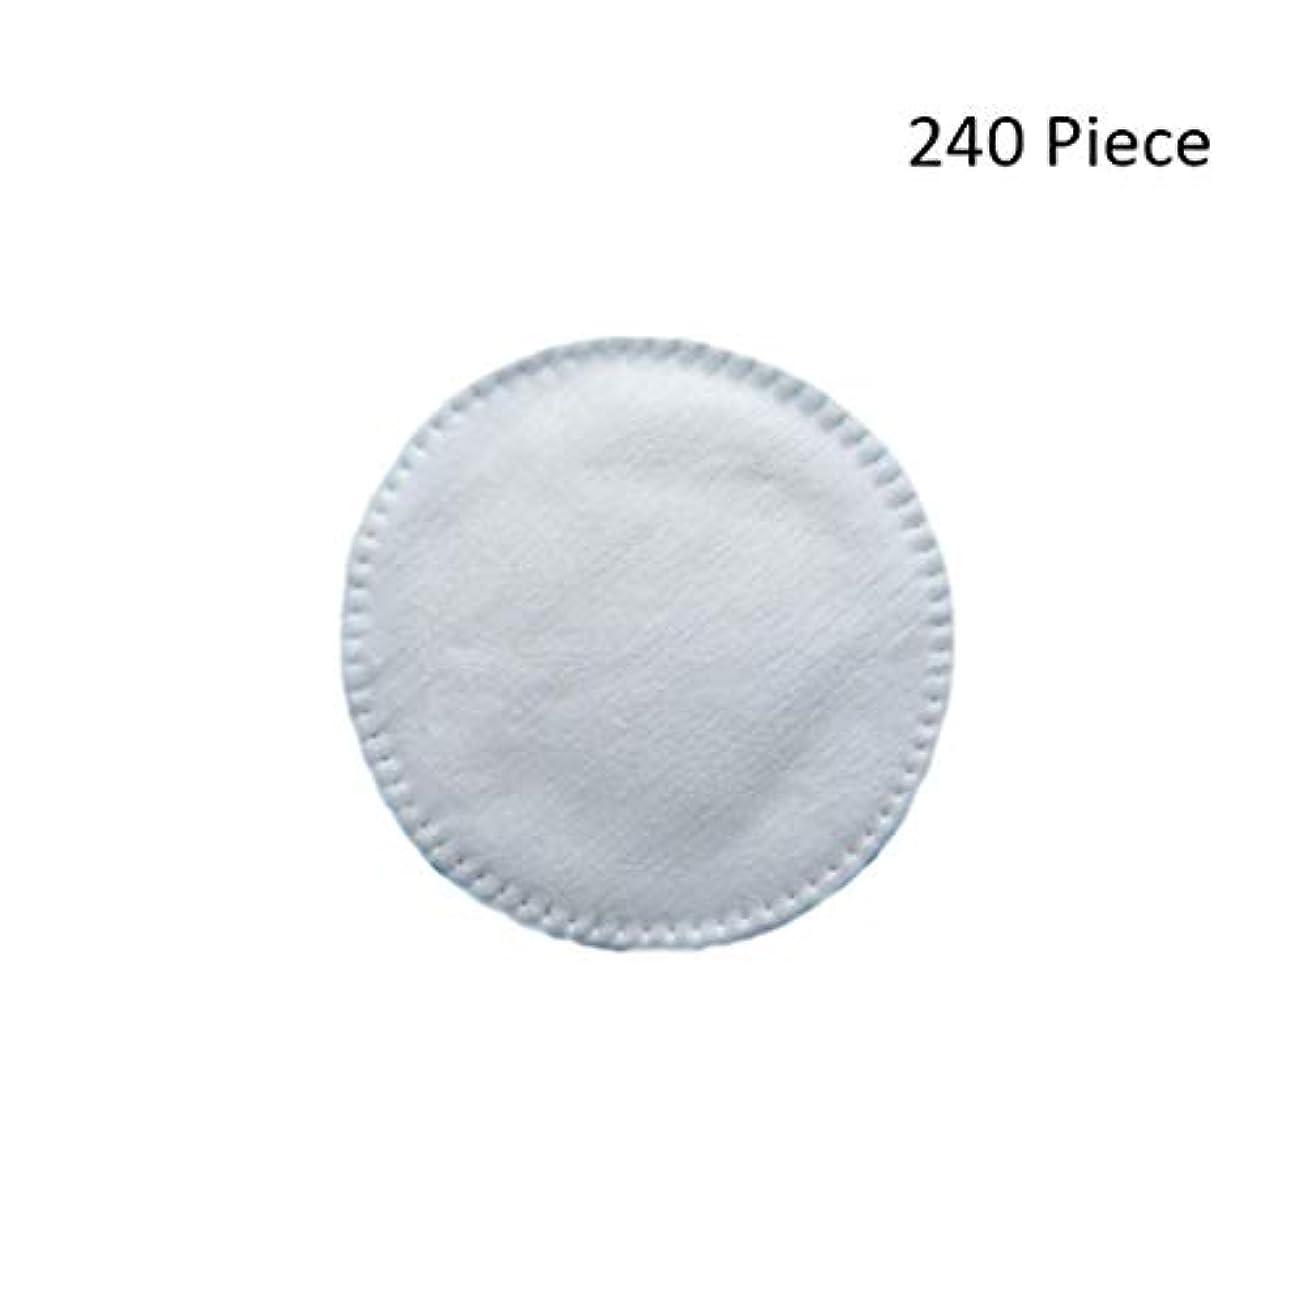 湿気の多い追い払うアンティーク化粧パッド 240ピースコットンフェイスメイク落としコットンフェイスワイプディープクレンジングコットン竹繊維スキンケアフェイスウォッシュ化粧品ツール メイク落とし化粧パッド (Color : White)